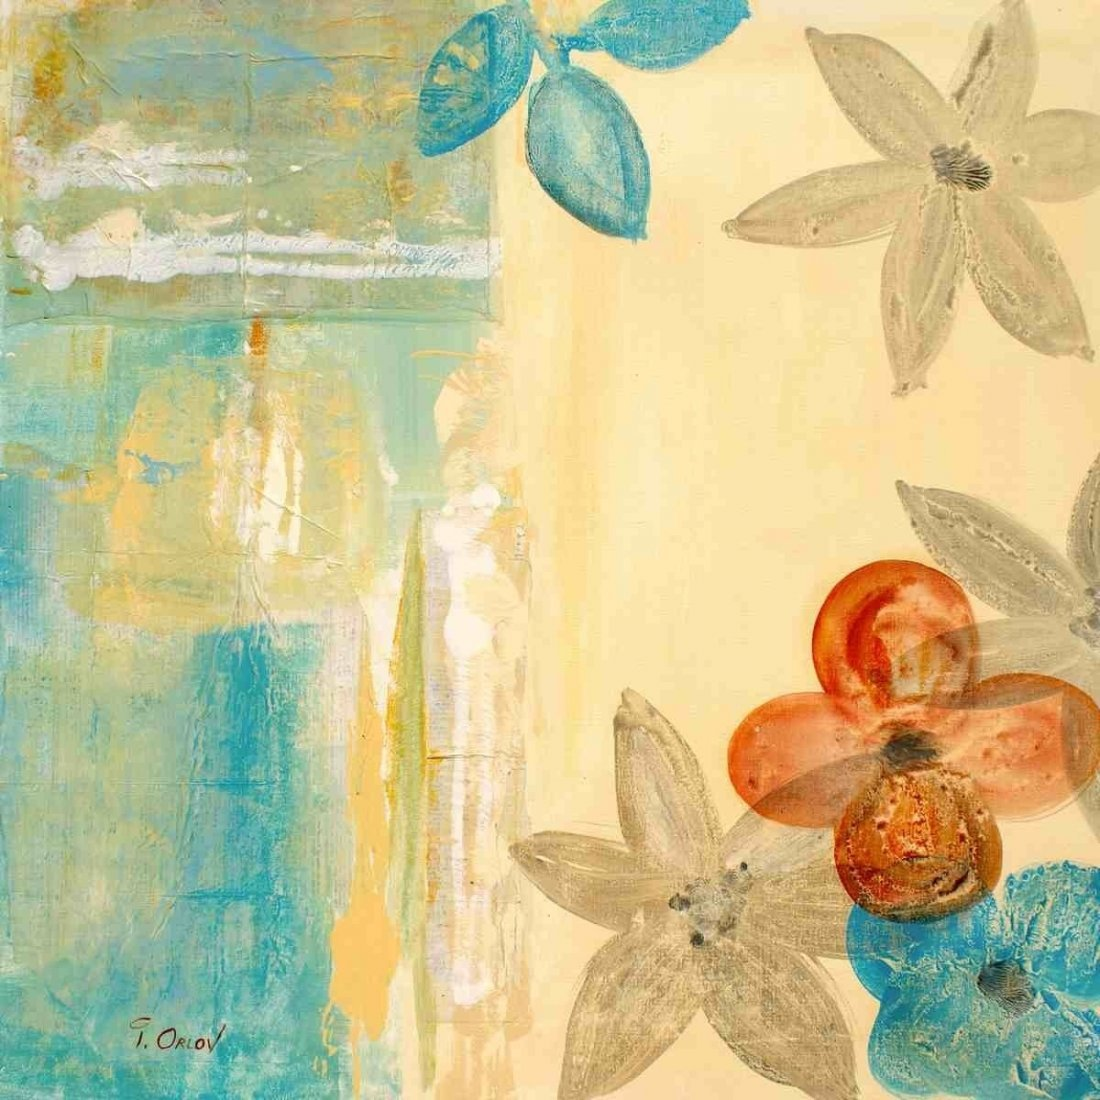 """Abstract Garden, Irena Orlov, Acrylic on canvas 24x24"""""""